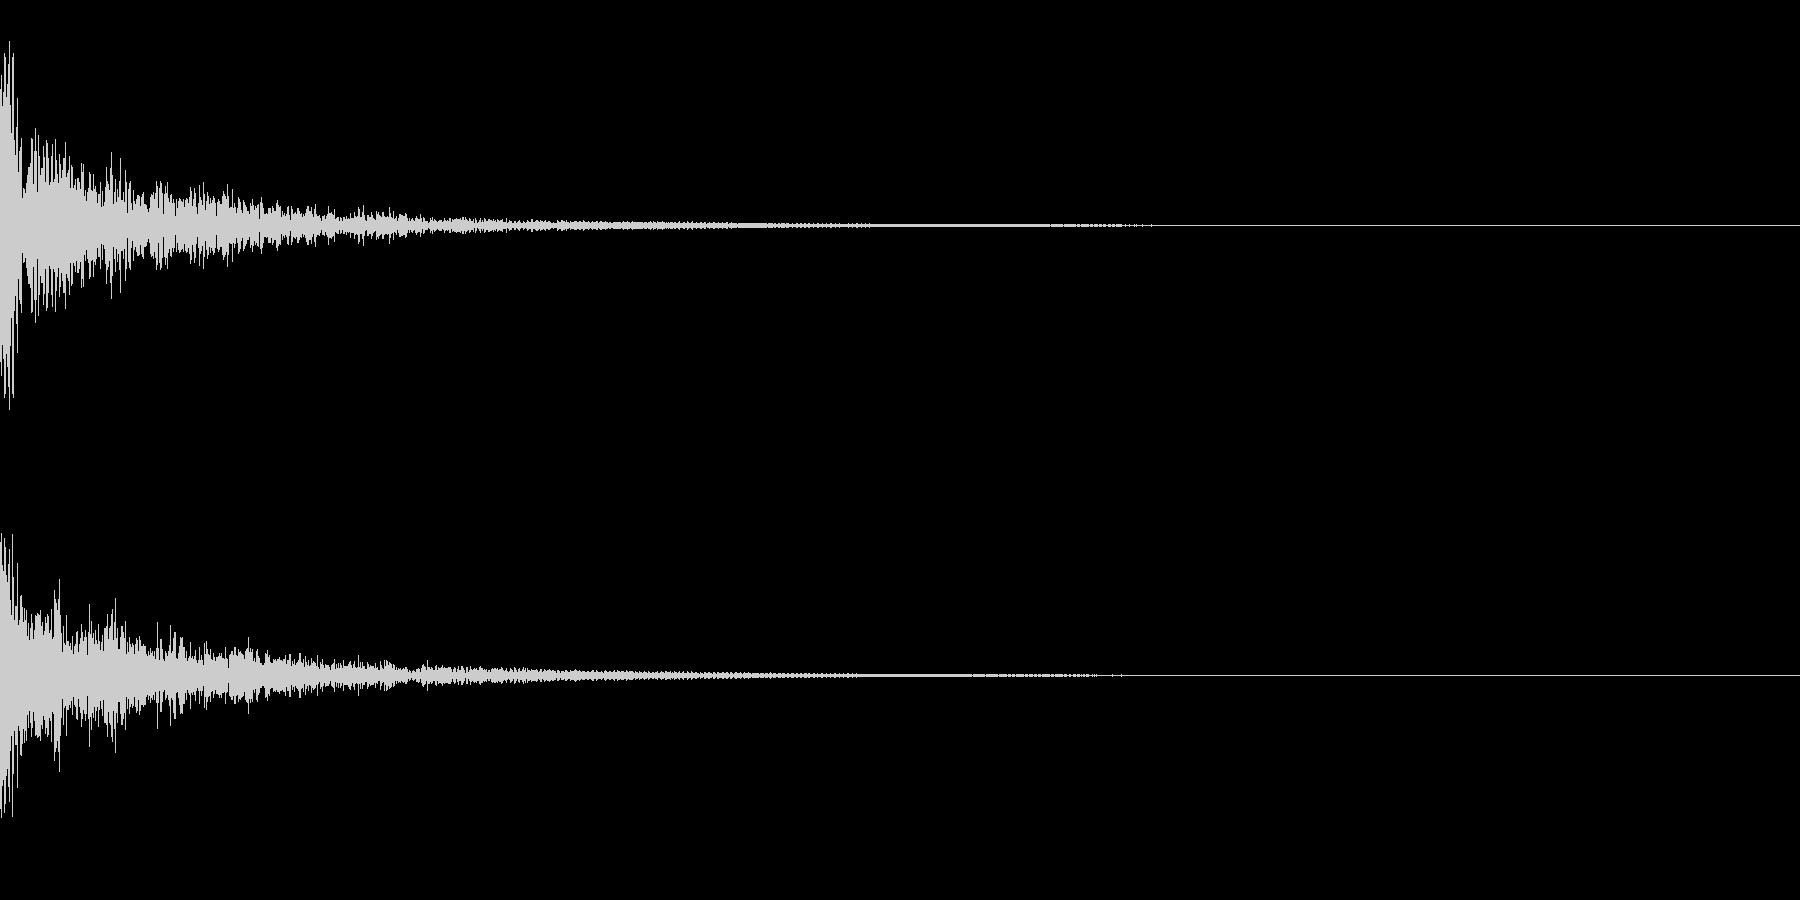 ドーン!↑↓ティンパニピッチ操作リバーブの未再生の波形